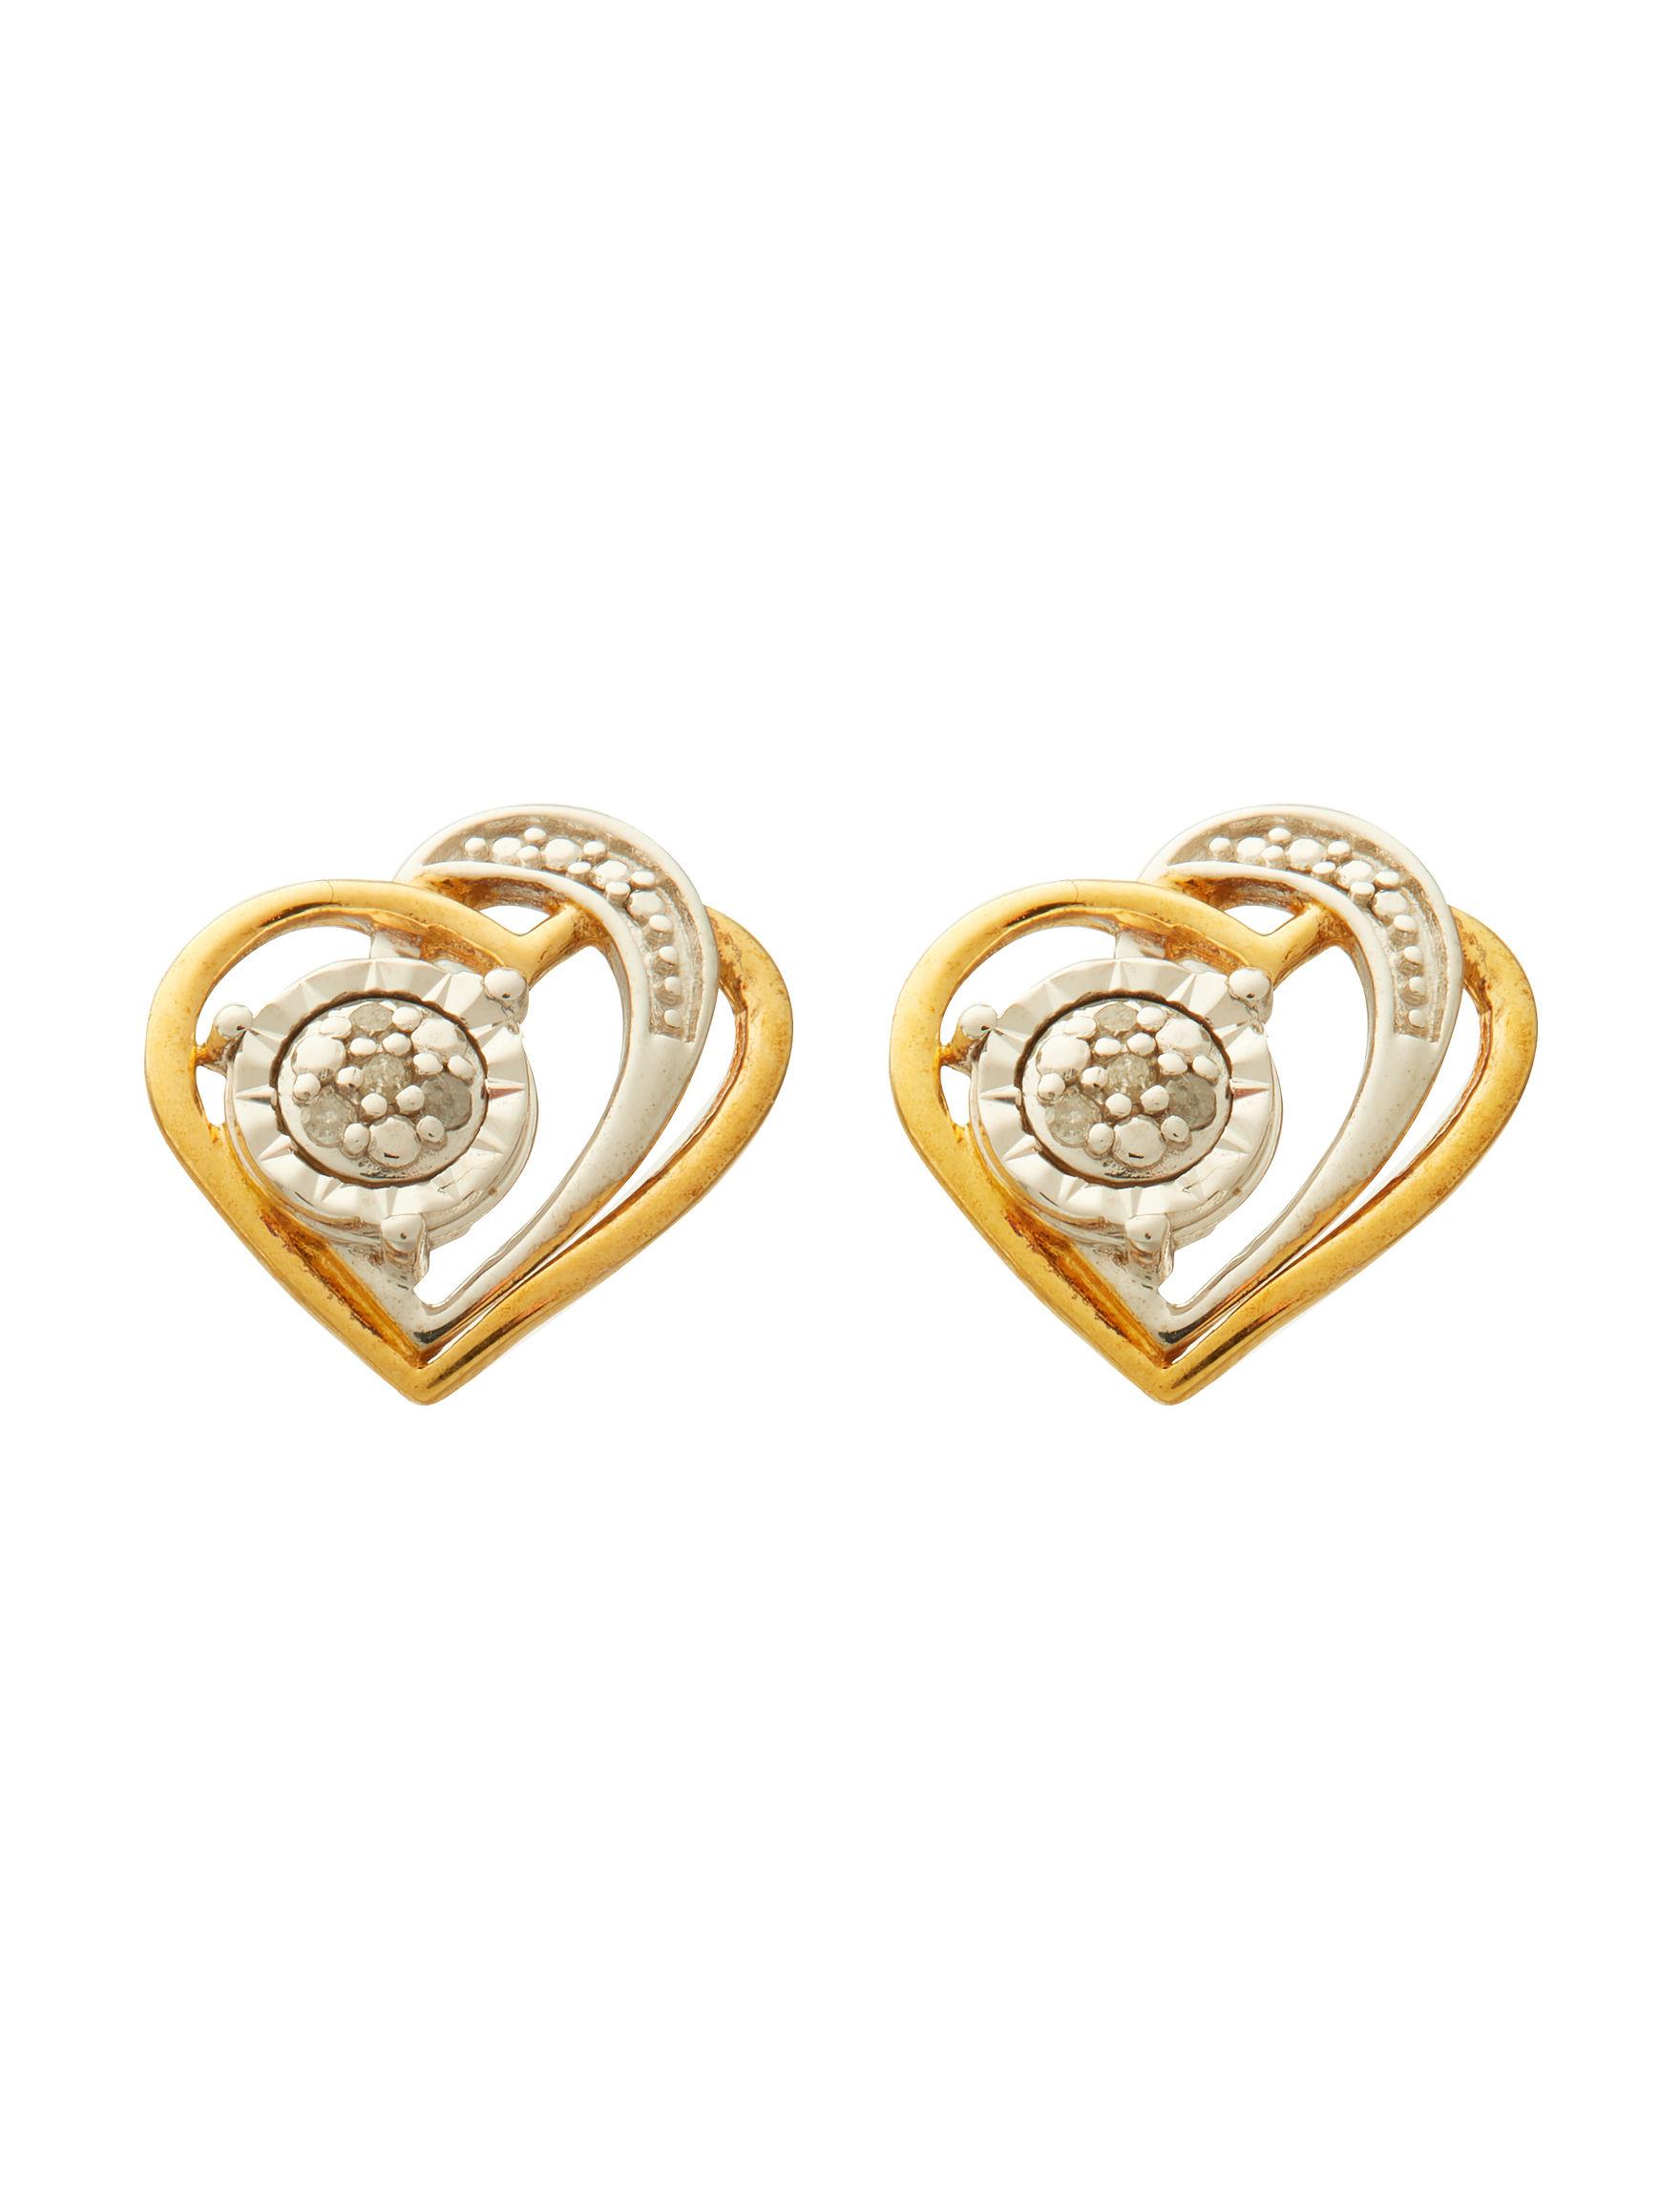 Marsala Gold / Diamond Studs Earrings Fine Jewelry